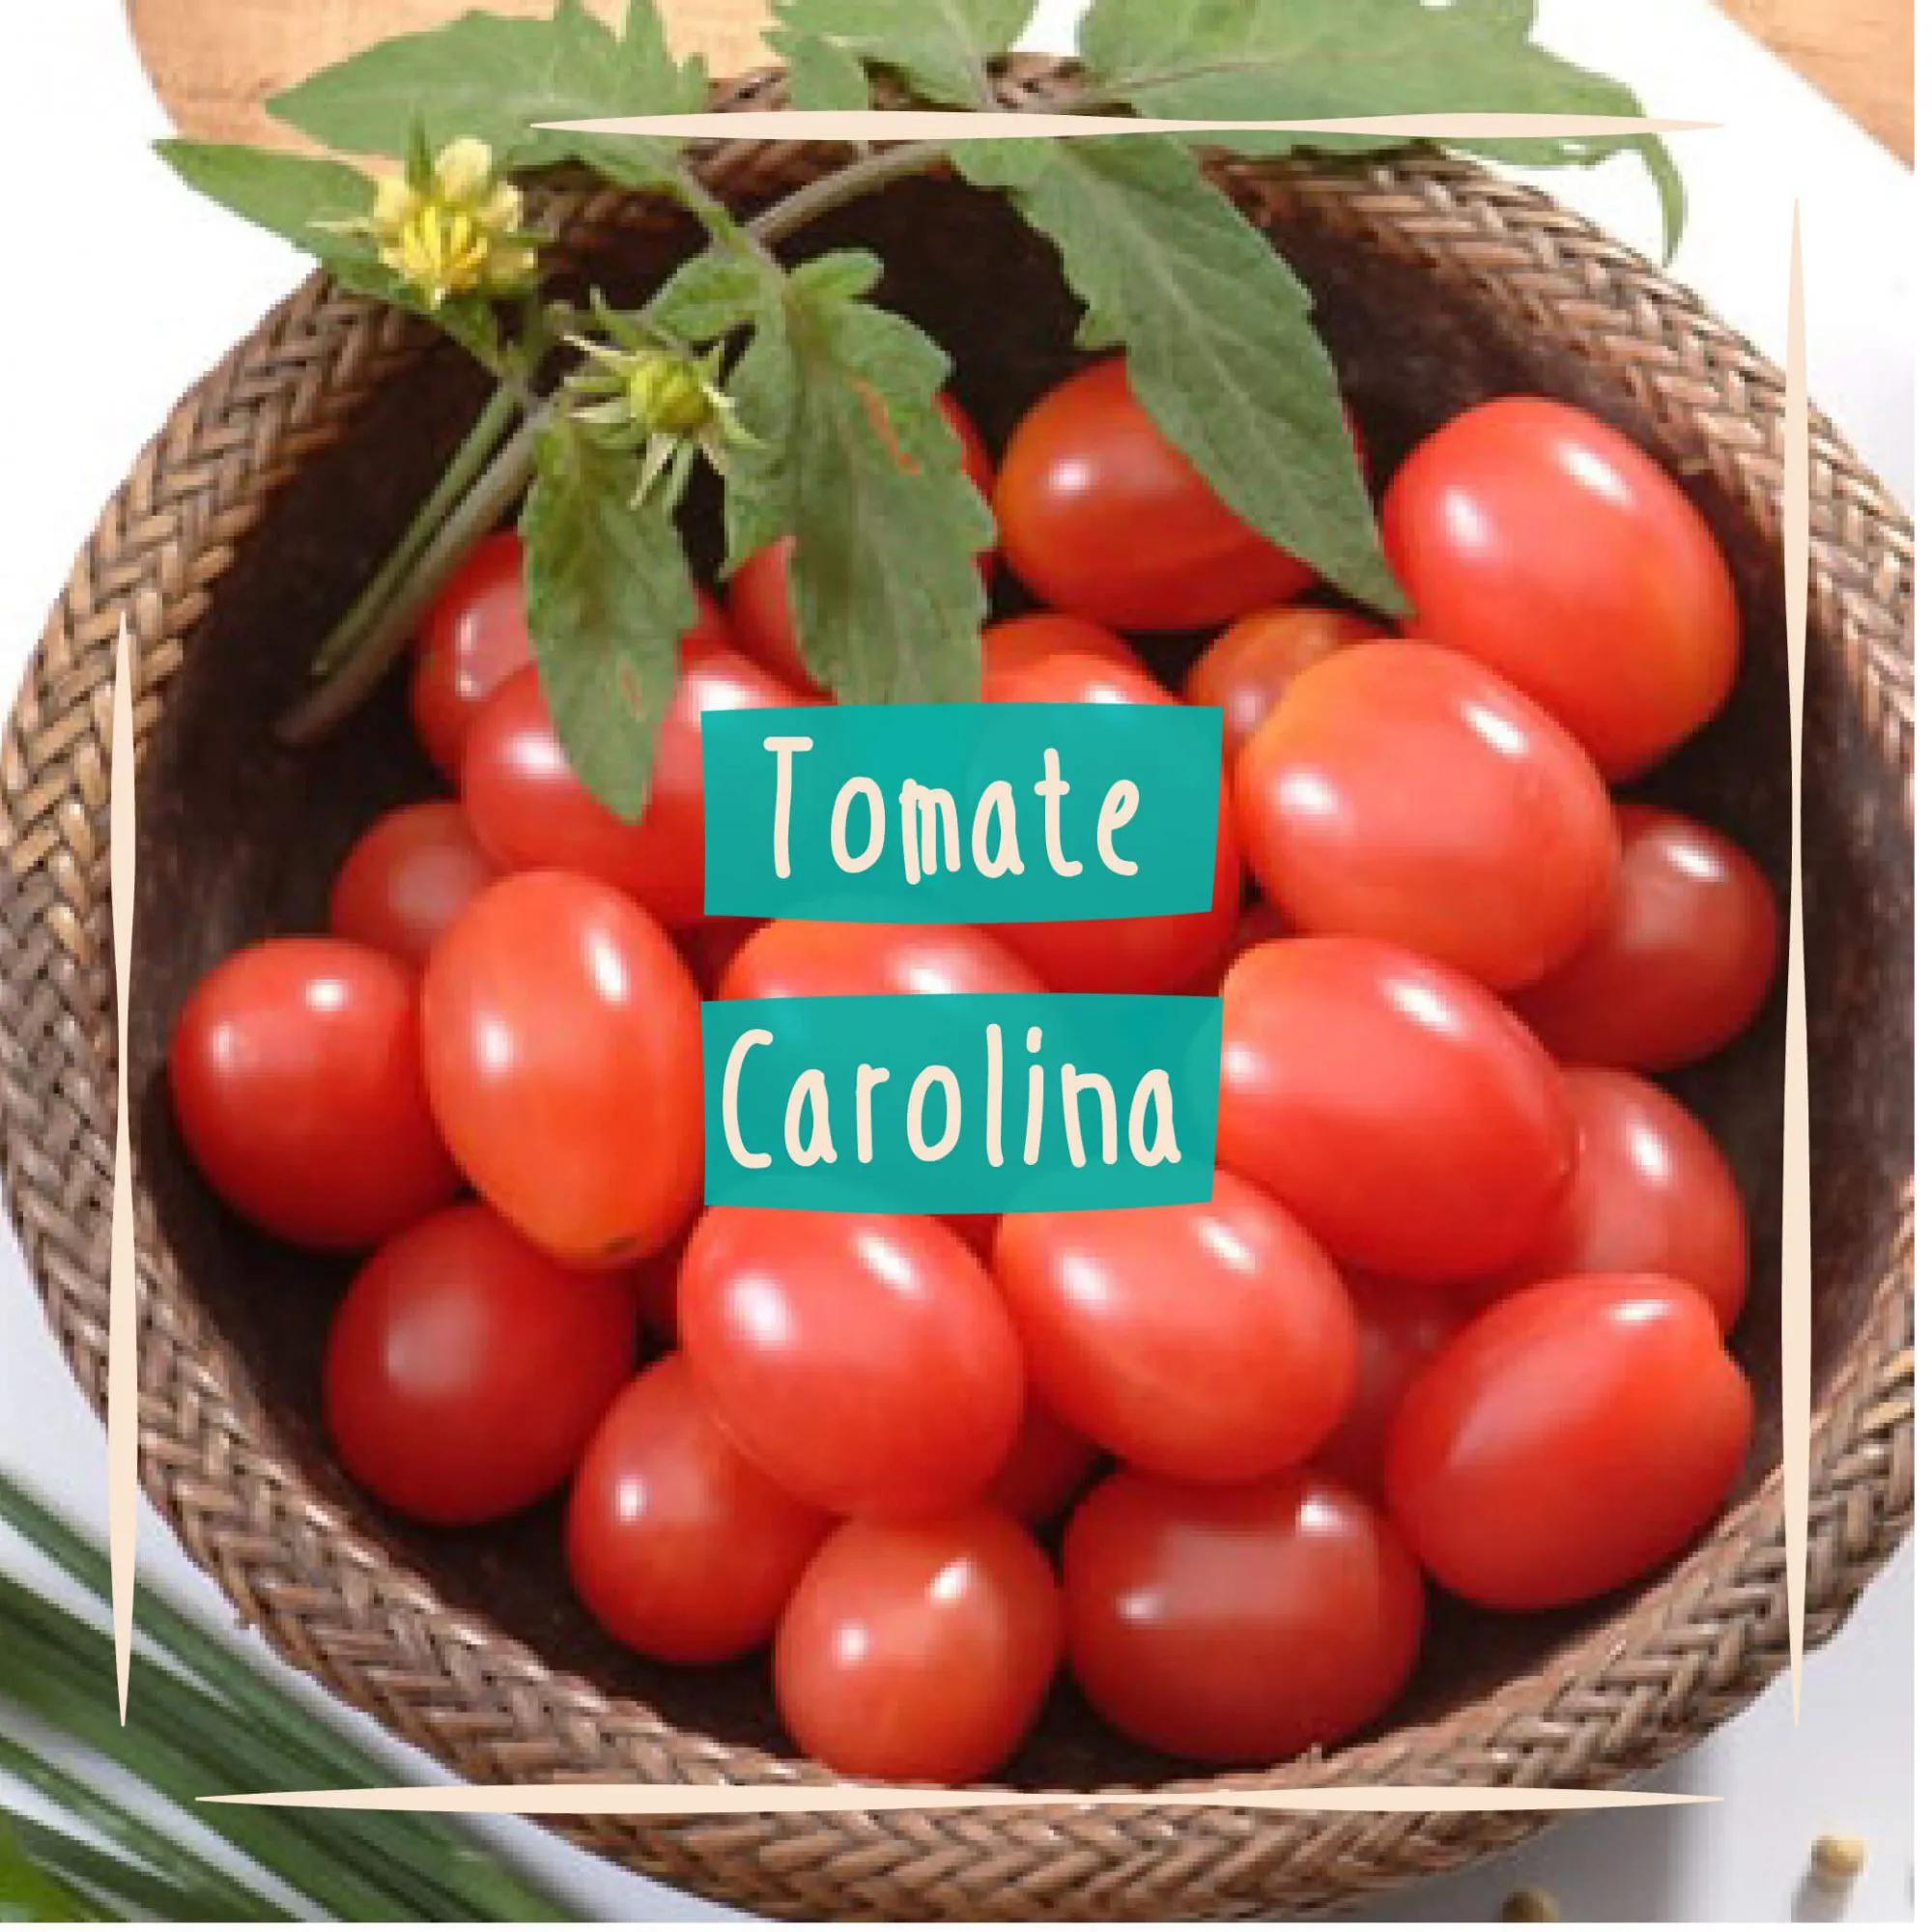 Sementes para plantar Tomate Cereja Carolina em vasos autoirrigáveis RAIZ  - Vasos Raiz Loja Oficial